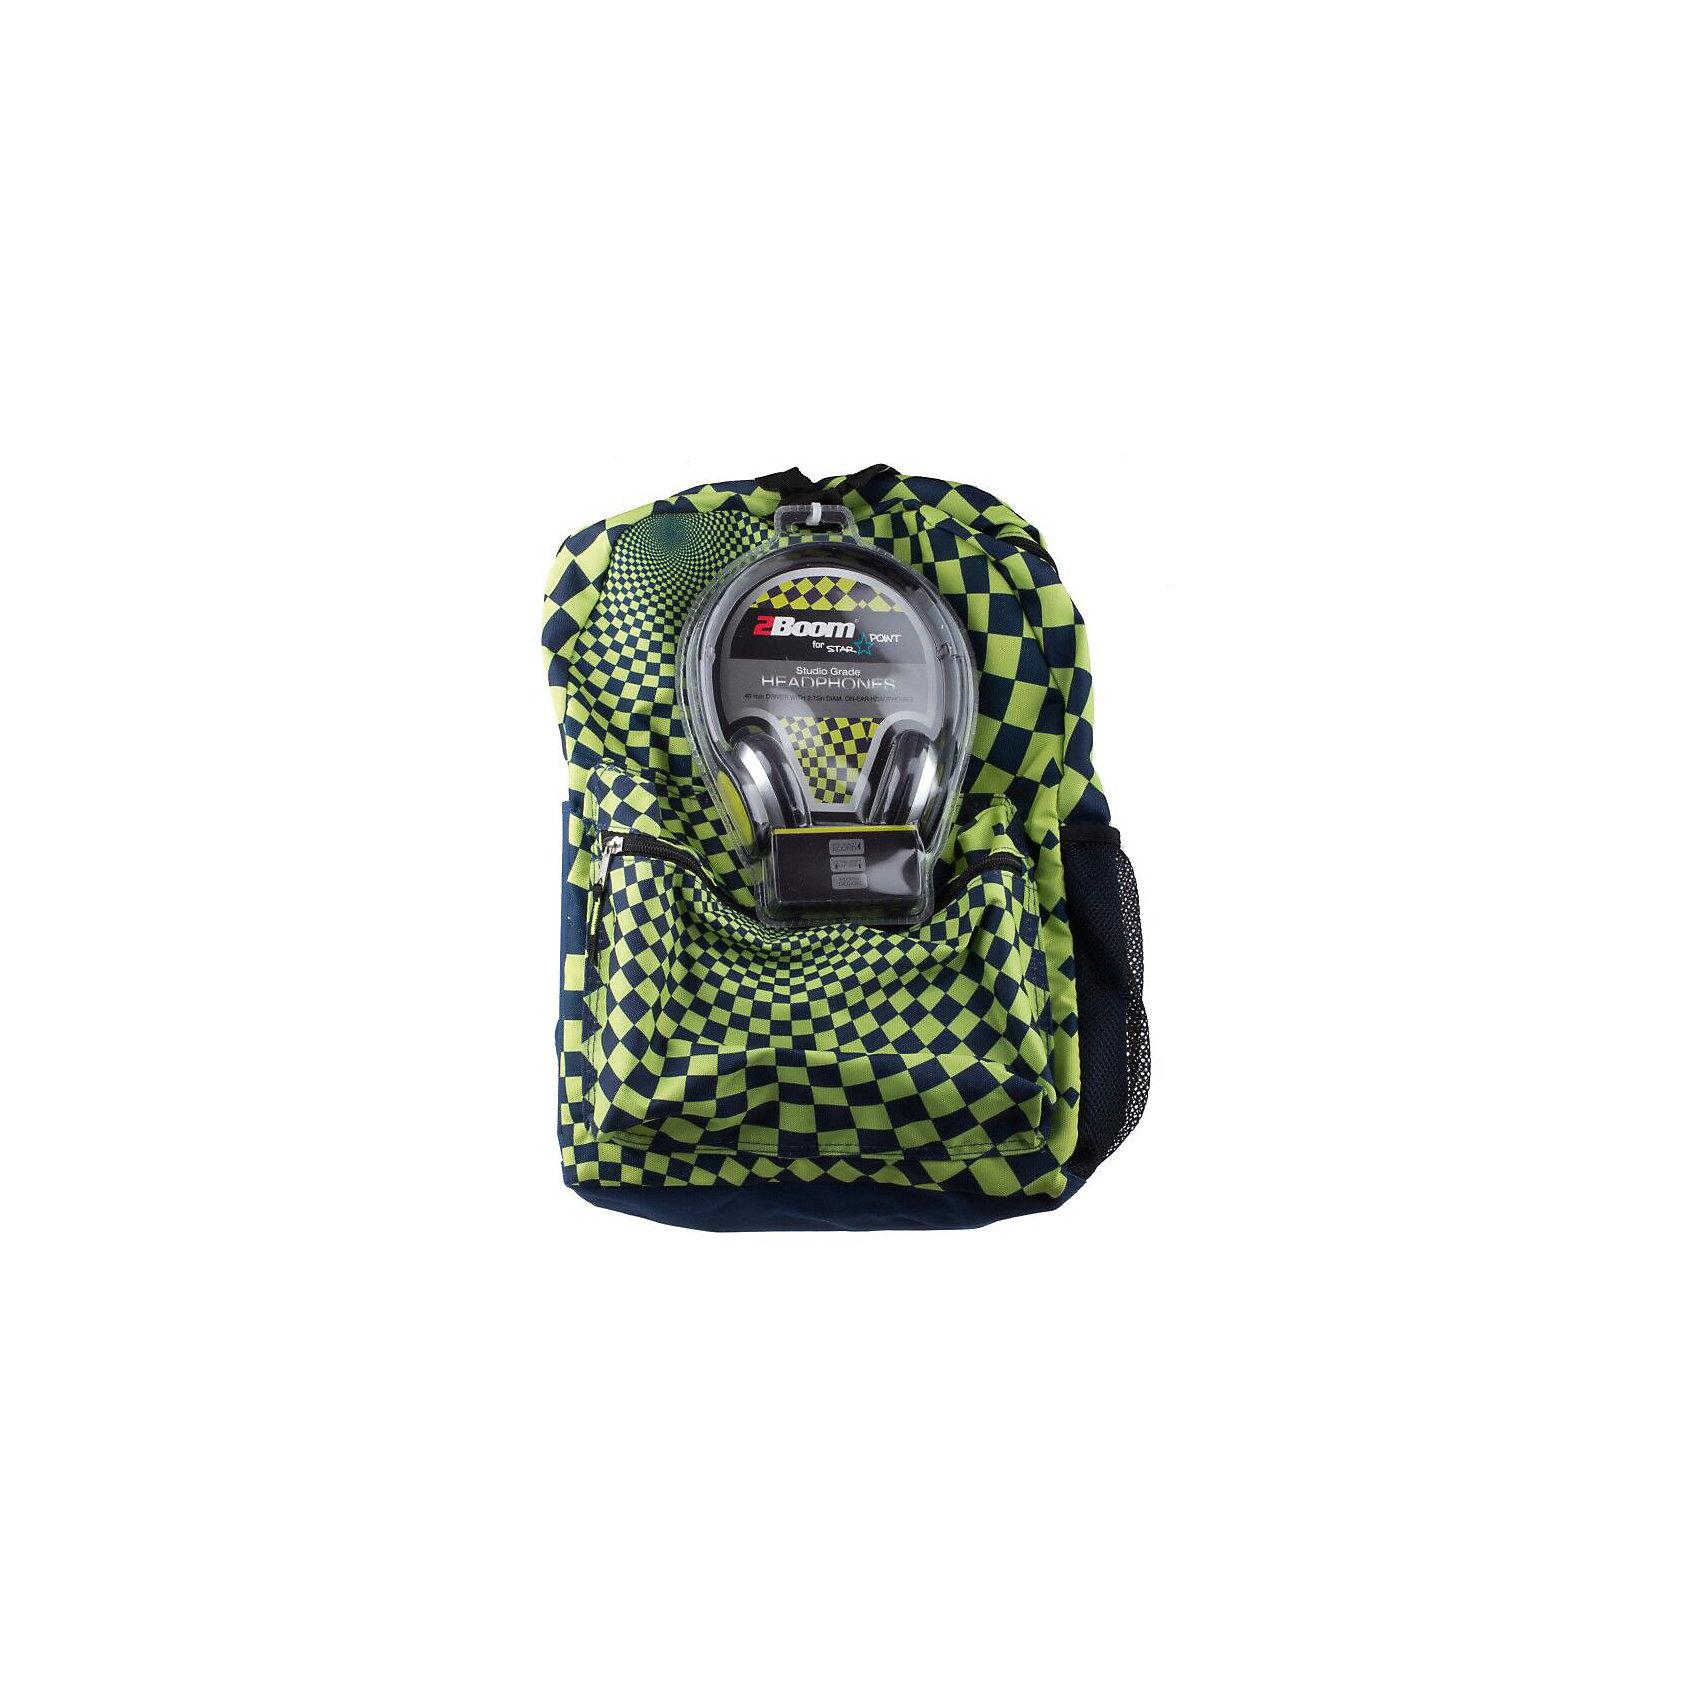 Рюкзак Hypnocheck Lime с наушниками, цвет синий/лаймРюкзаки<br>Характеристики товара:<br><br>• цвет: синий/лайм;<br>• возраст: от 10 лет;<br>• вес: 0,5 кг;<br>• размер: 43х33х16 см;<br>• в комплекте наушники в цвет рюкзака;<br>• выполнен из водоотталкивающей ткани;<br>• вместительный внутренний отсек;<br>• внутри два отделения;<br>• накладной карман на молнии;<br>• уплотненная спинка, дно и ремни;<br>• прочная текстильная ручка;<br>• подвесная система регулировки лямок;<br>• материал: полиэстер;<br>• страна бренда: США;<br>• страна изготовитель: Китай.<br><br>Прочный рюкзак с вместительным отделением станет надежным хранилищем для самых разнообразных вещей. <br><br>Изделие имеет прочную петлю для ношения в руках. Также предусмотрены широкие регулируемые лямки, которые предотвратят натирание кожи и позволят оптимально распределить нагрузку на позвоночник. Дополнительно предусмотрено переднее отделение и боковой сетчатый карман для размещения различных мелочей, к которым необходим быстрый доступ.<br><br>Рюкзак Mojo Pax «Hypnocheck Lime» с наушниками можно купить в нашем интернет-магазине.<br><br>Ширина мм: 430<br>Глубина мм: 330<br>Высота мм: 160<br>Вес г: 500<br>Возраст от месяцев: 120<br>Возраст до месяцев: 720<br>Пол: Унисекс<br>Возраст: Детский<br>SKU: 7054137